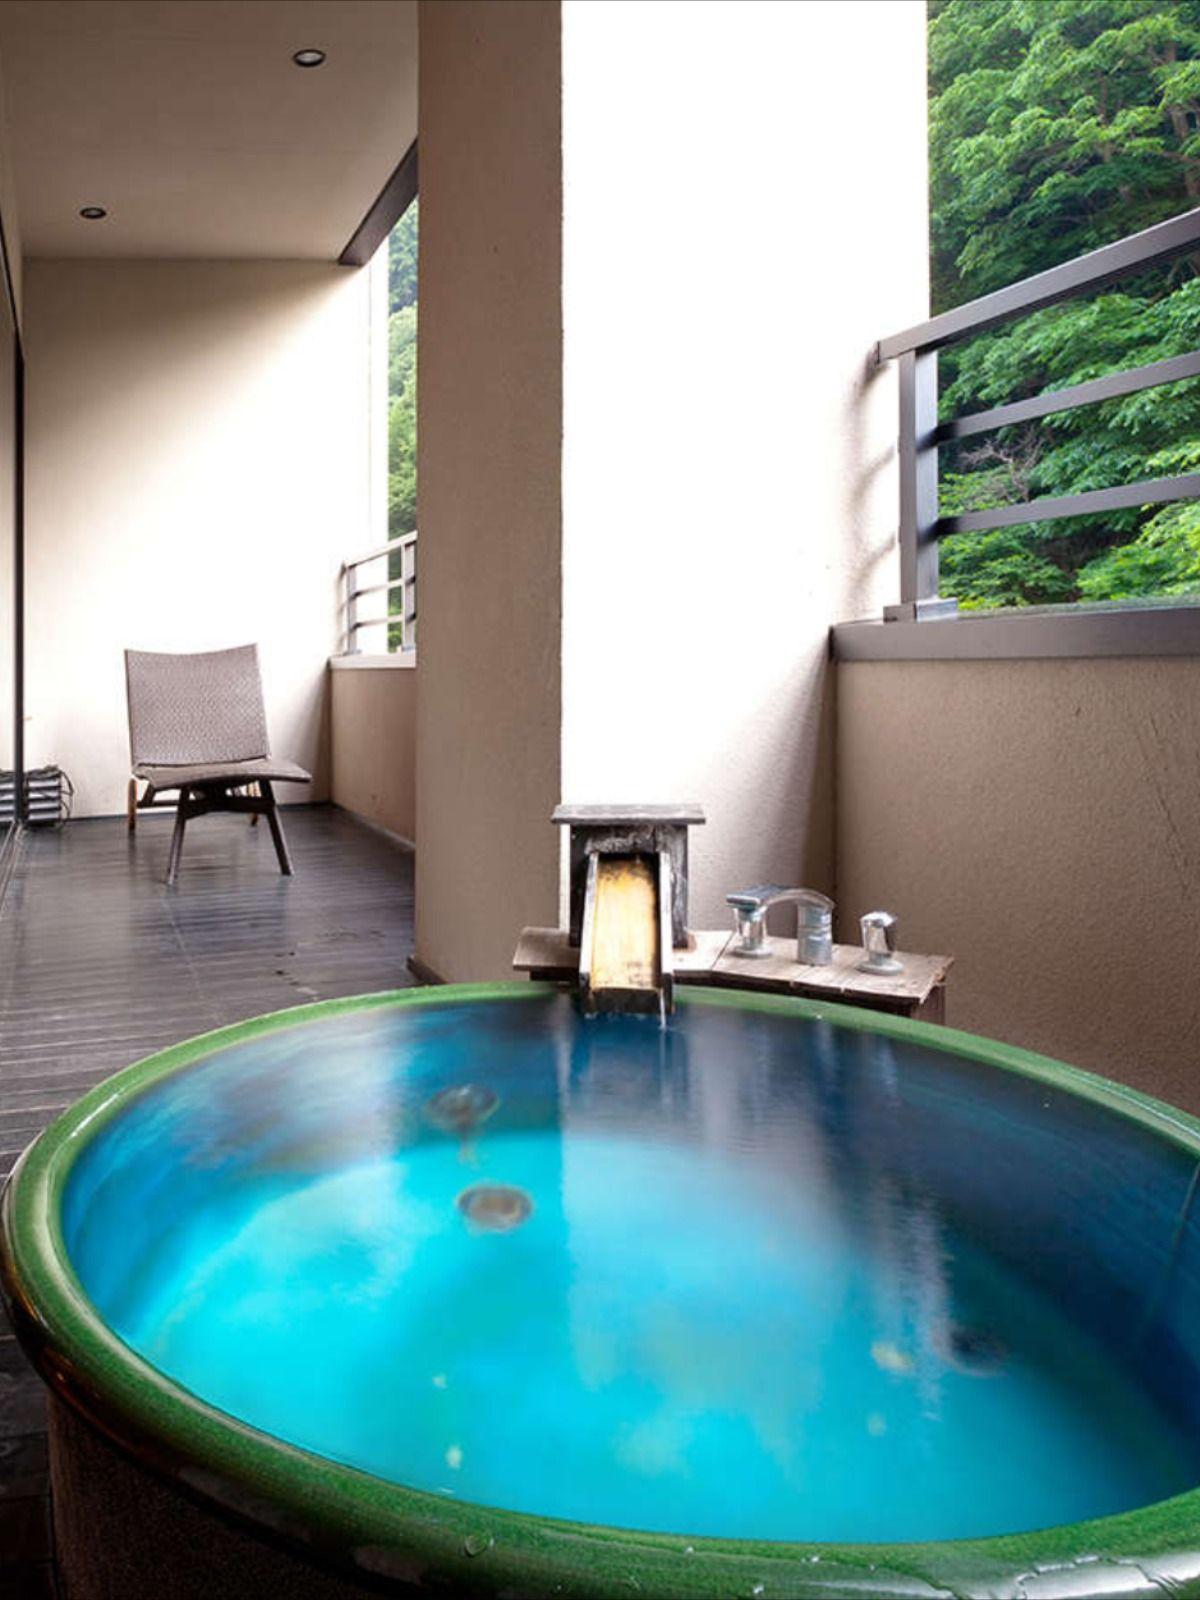 楽天トラベル 会津東山温泉 客室専用露天風呂付のスイートルーム はなれ 松島閣 宿泊予約 2021 露天風呂 宿 温泉